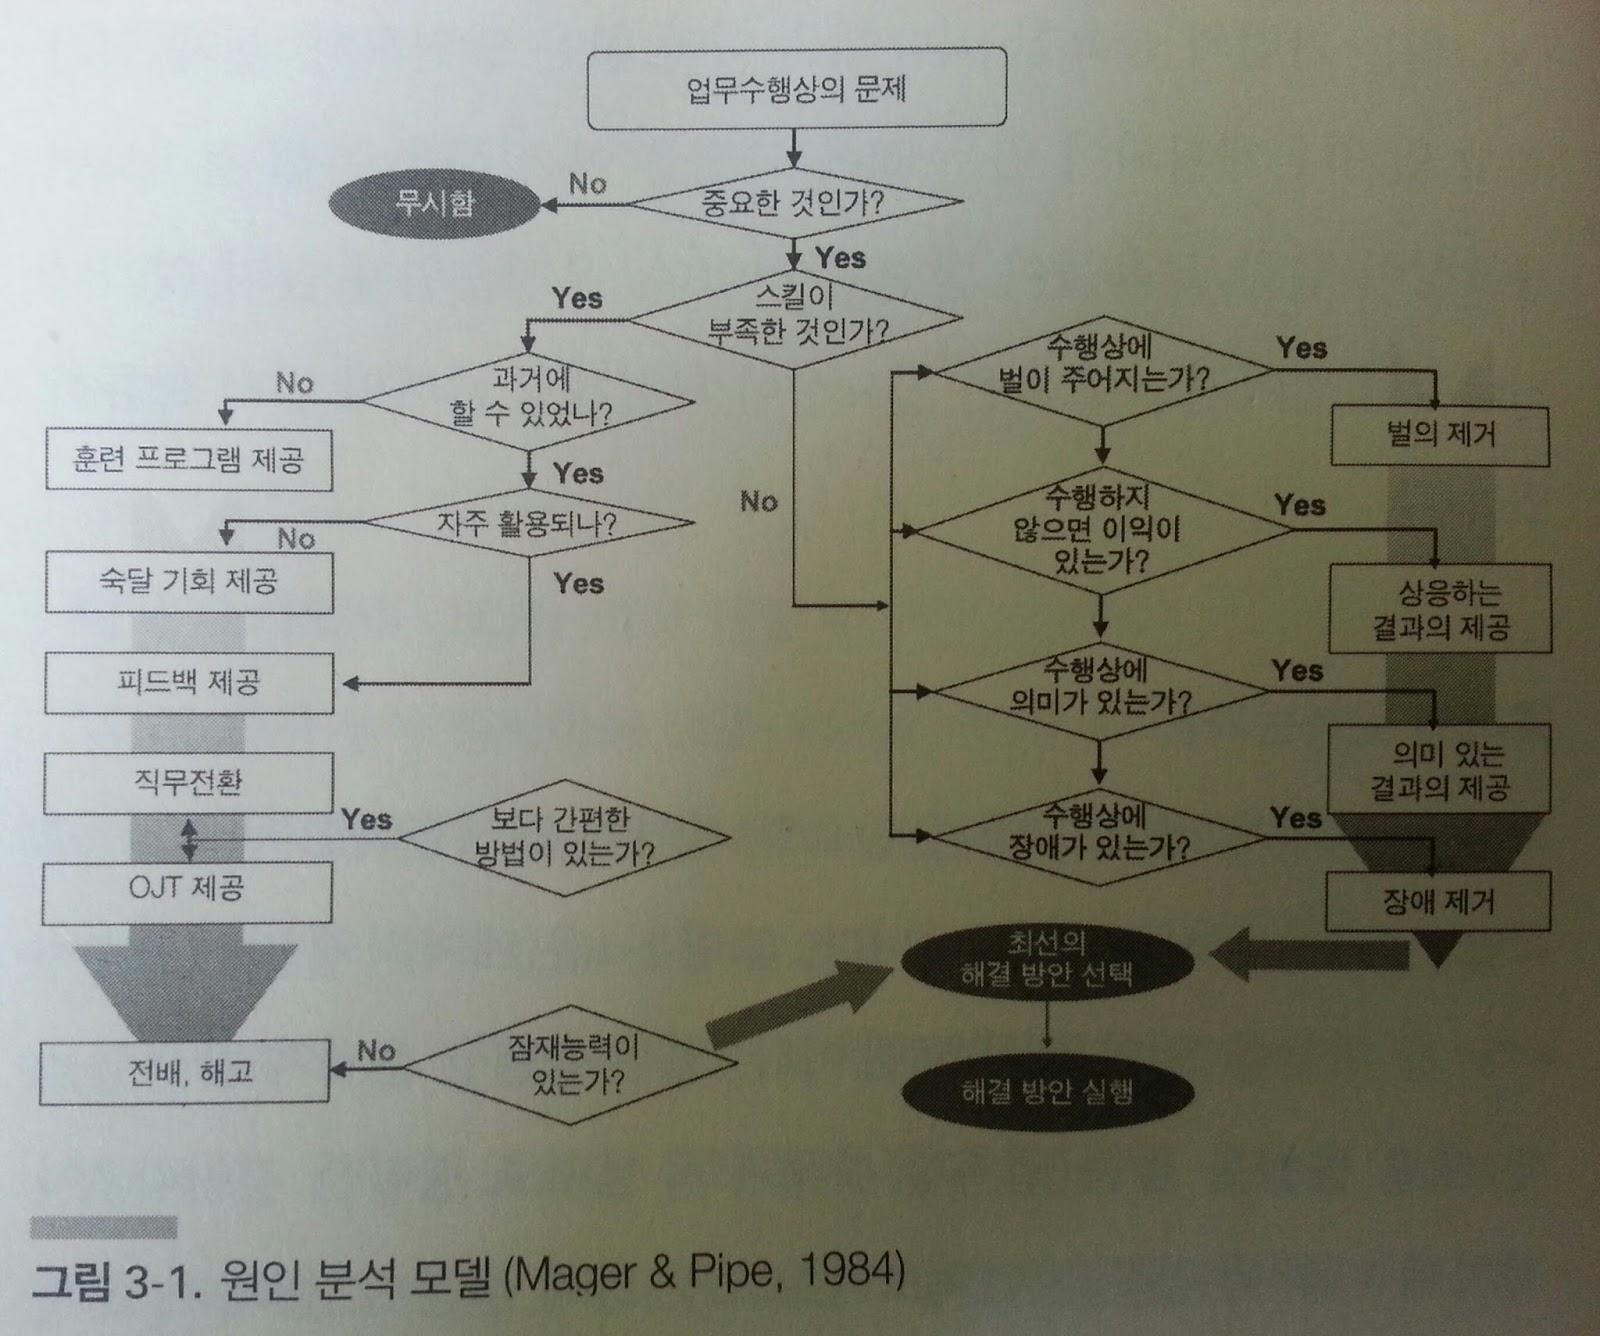 원인분석모델.jpg